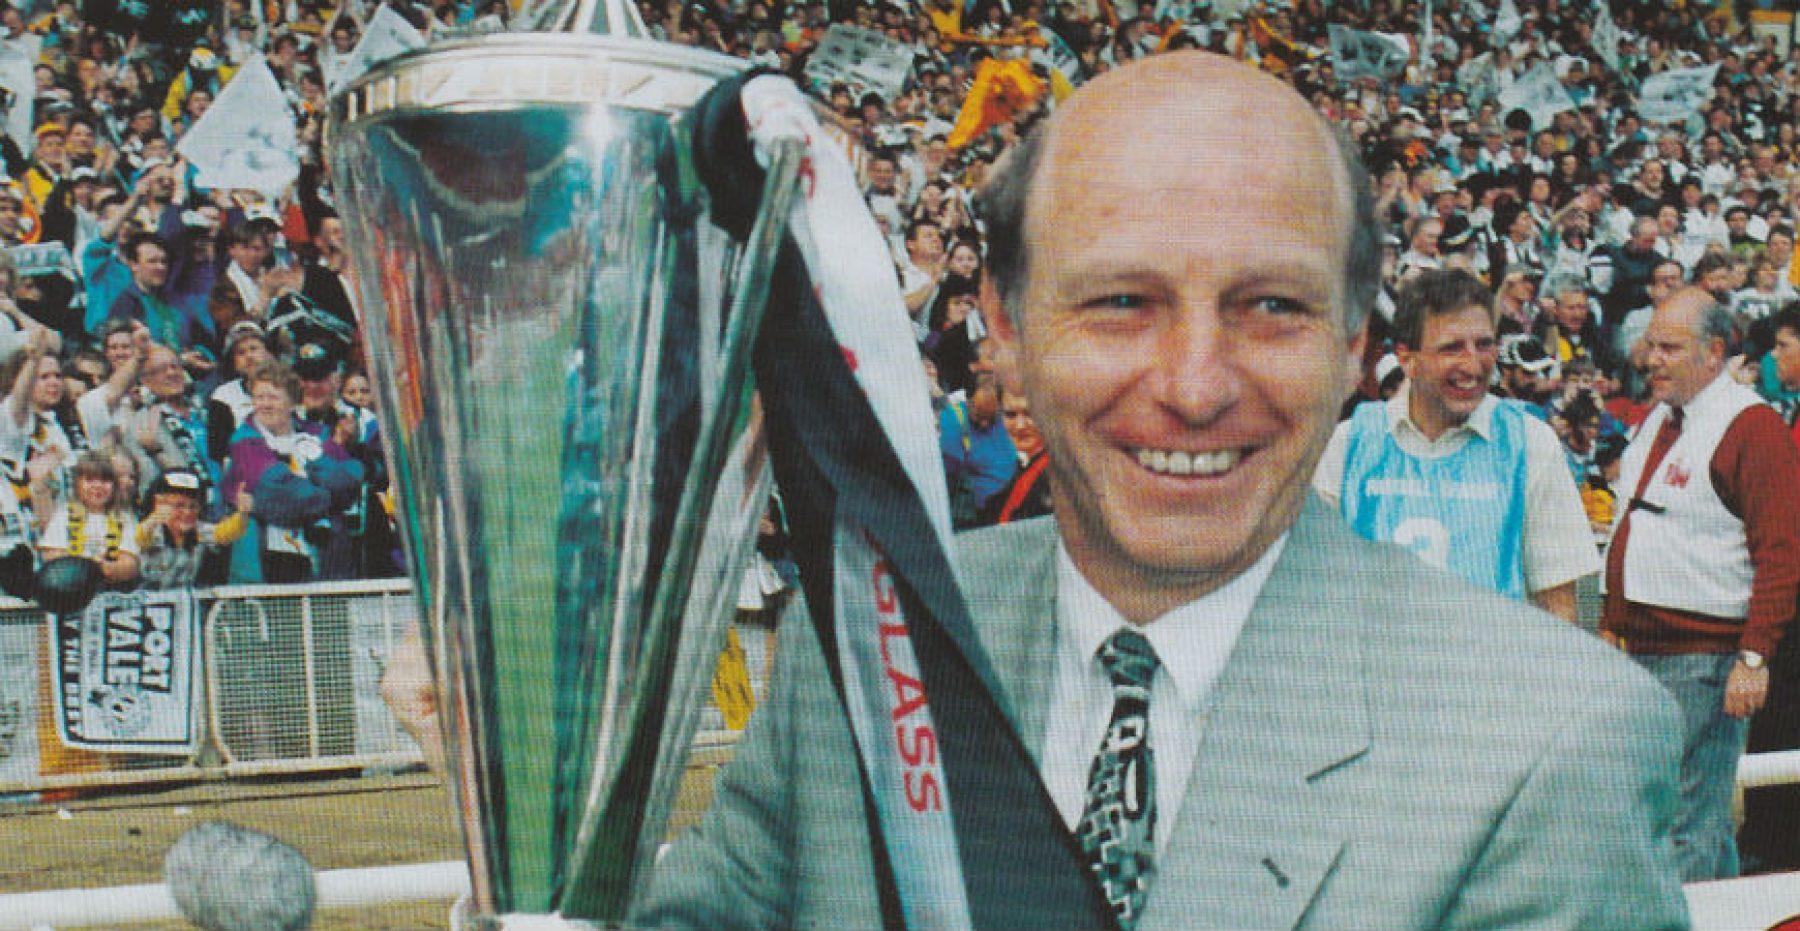 Port Vale manager John Rudge at Wembley